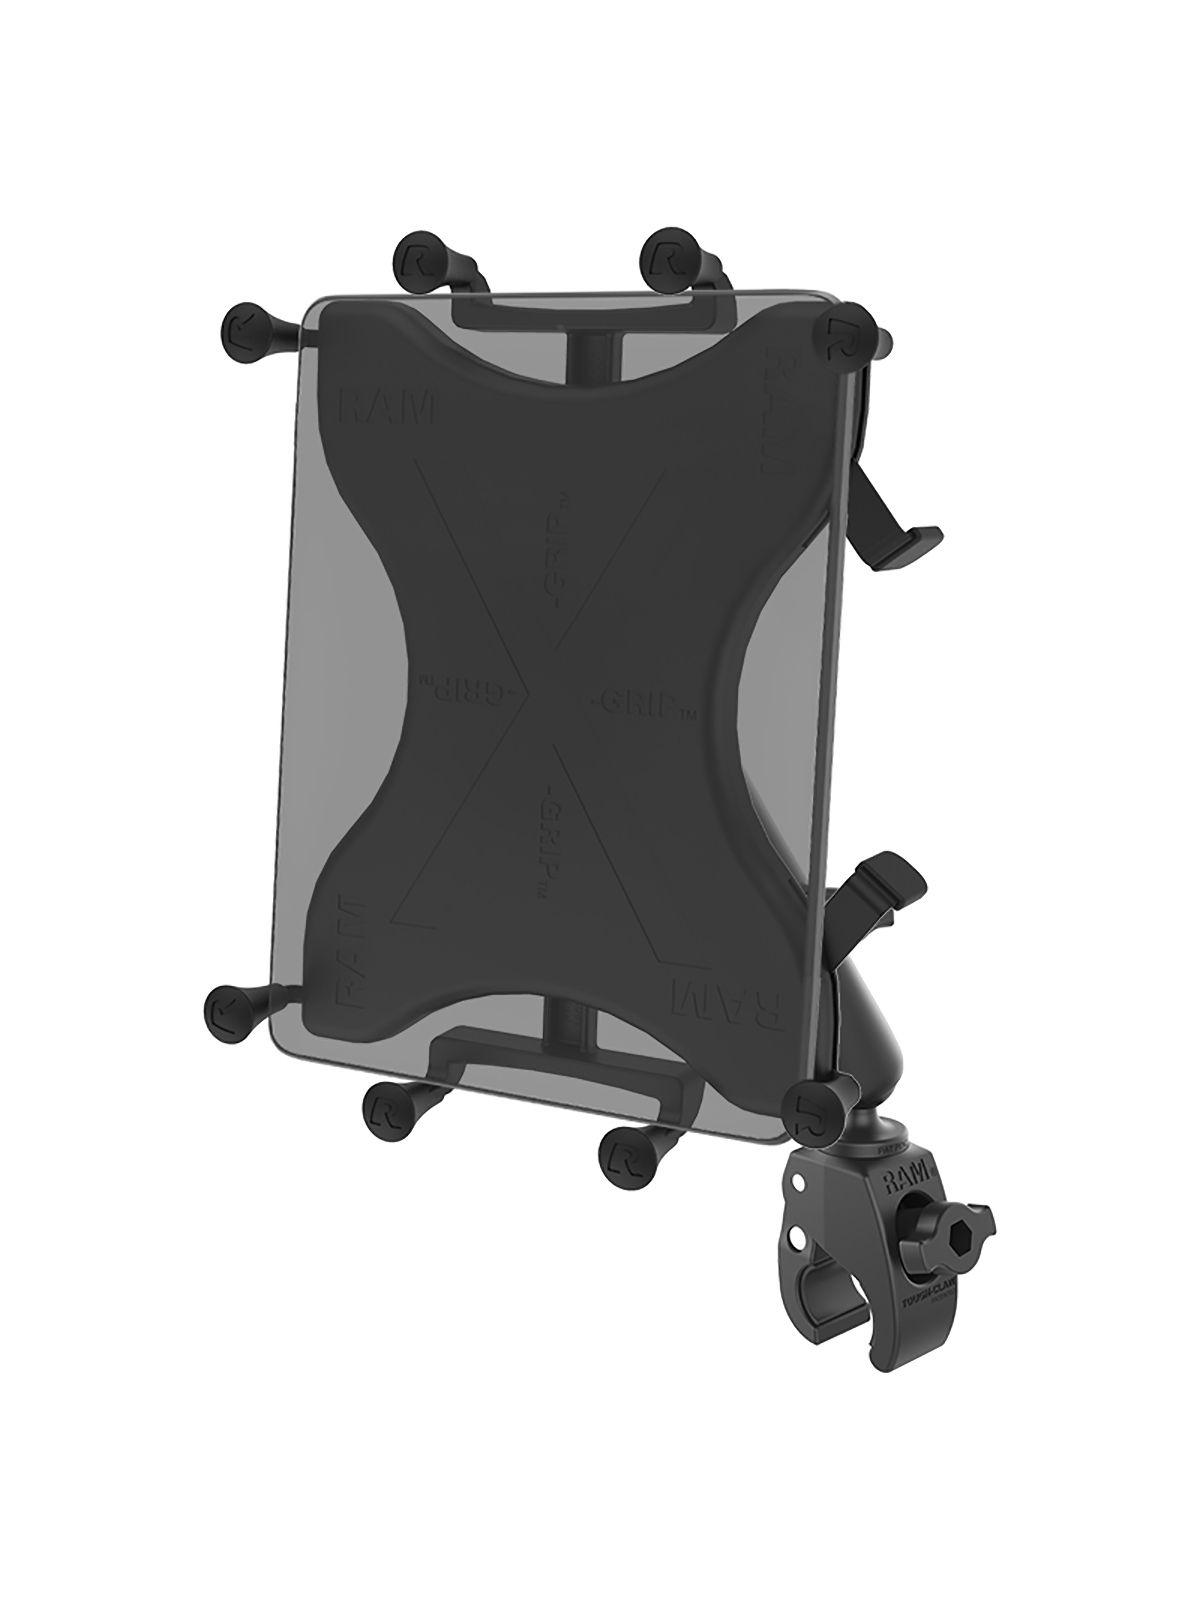 RAM Mounts X-Grip Klemm-Halterung für Tablets (10 Zoll) - B-Kugel (1 Zoll), kleine Tough-Claw, langer Verbindungsarm, Rotor-Adapter